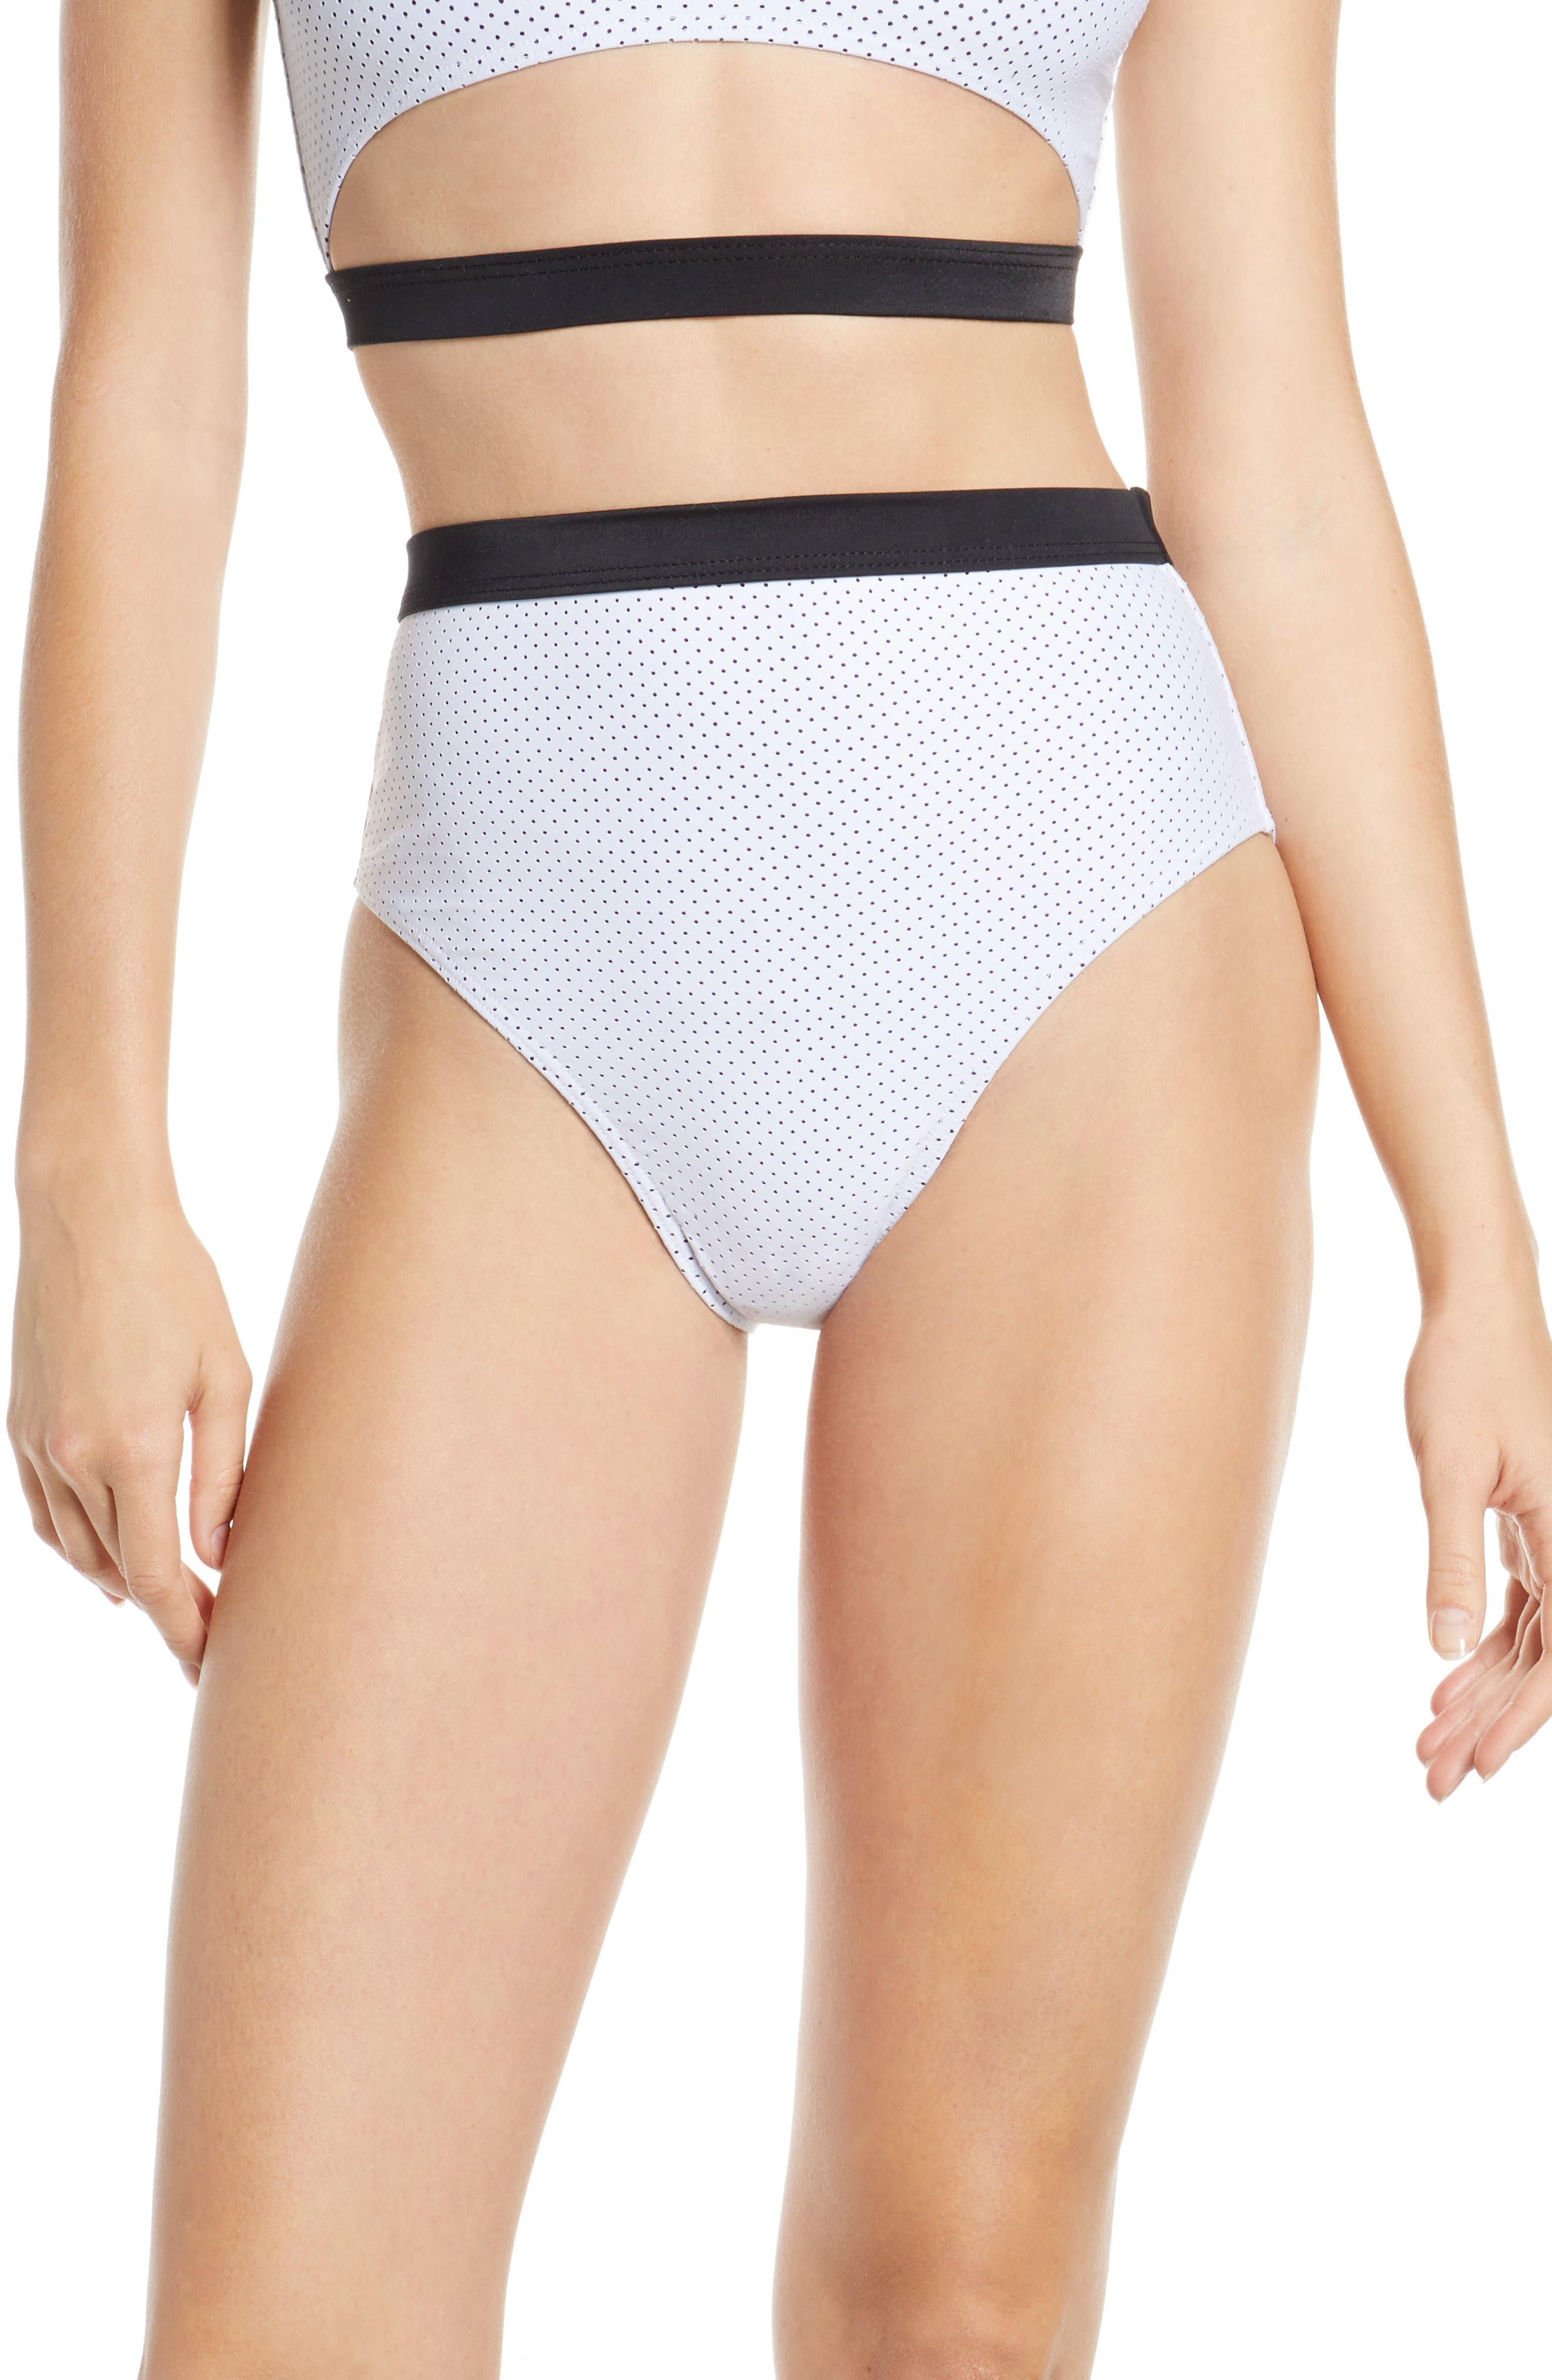 Chromat Drew High Waist Bikini Bottoms, White